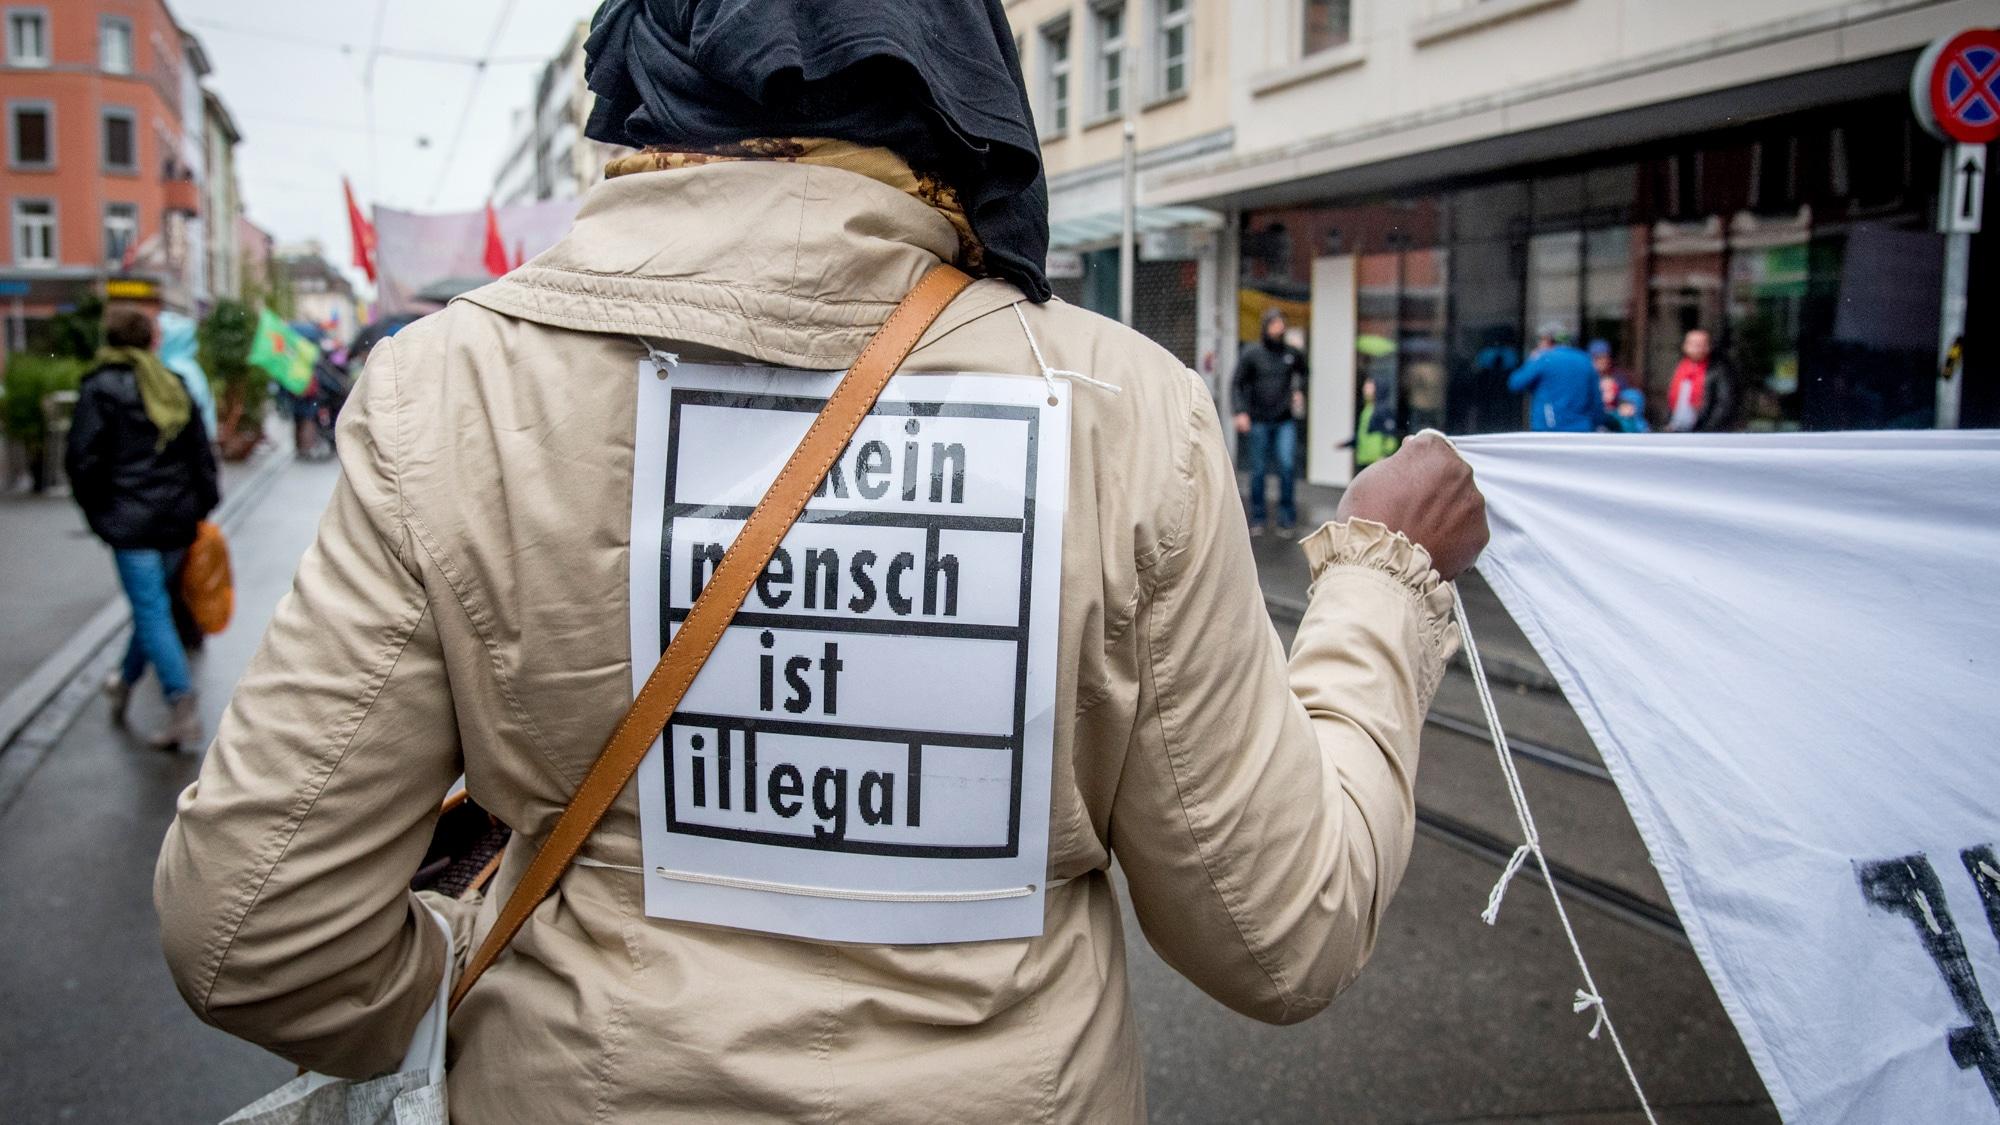 Die Basler Regierung möchte den Sans-Papiers entgegenkommen, die SVP will das Gegenteil.